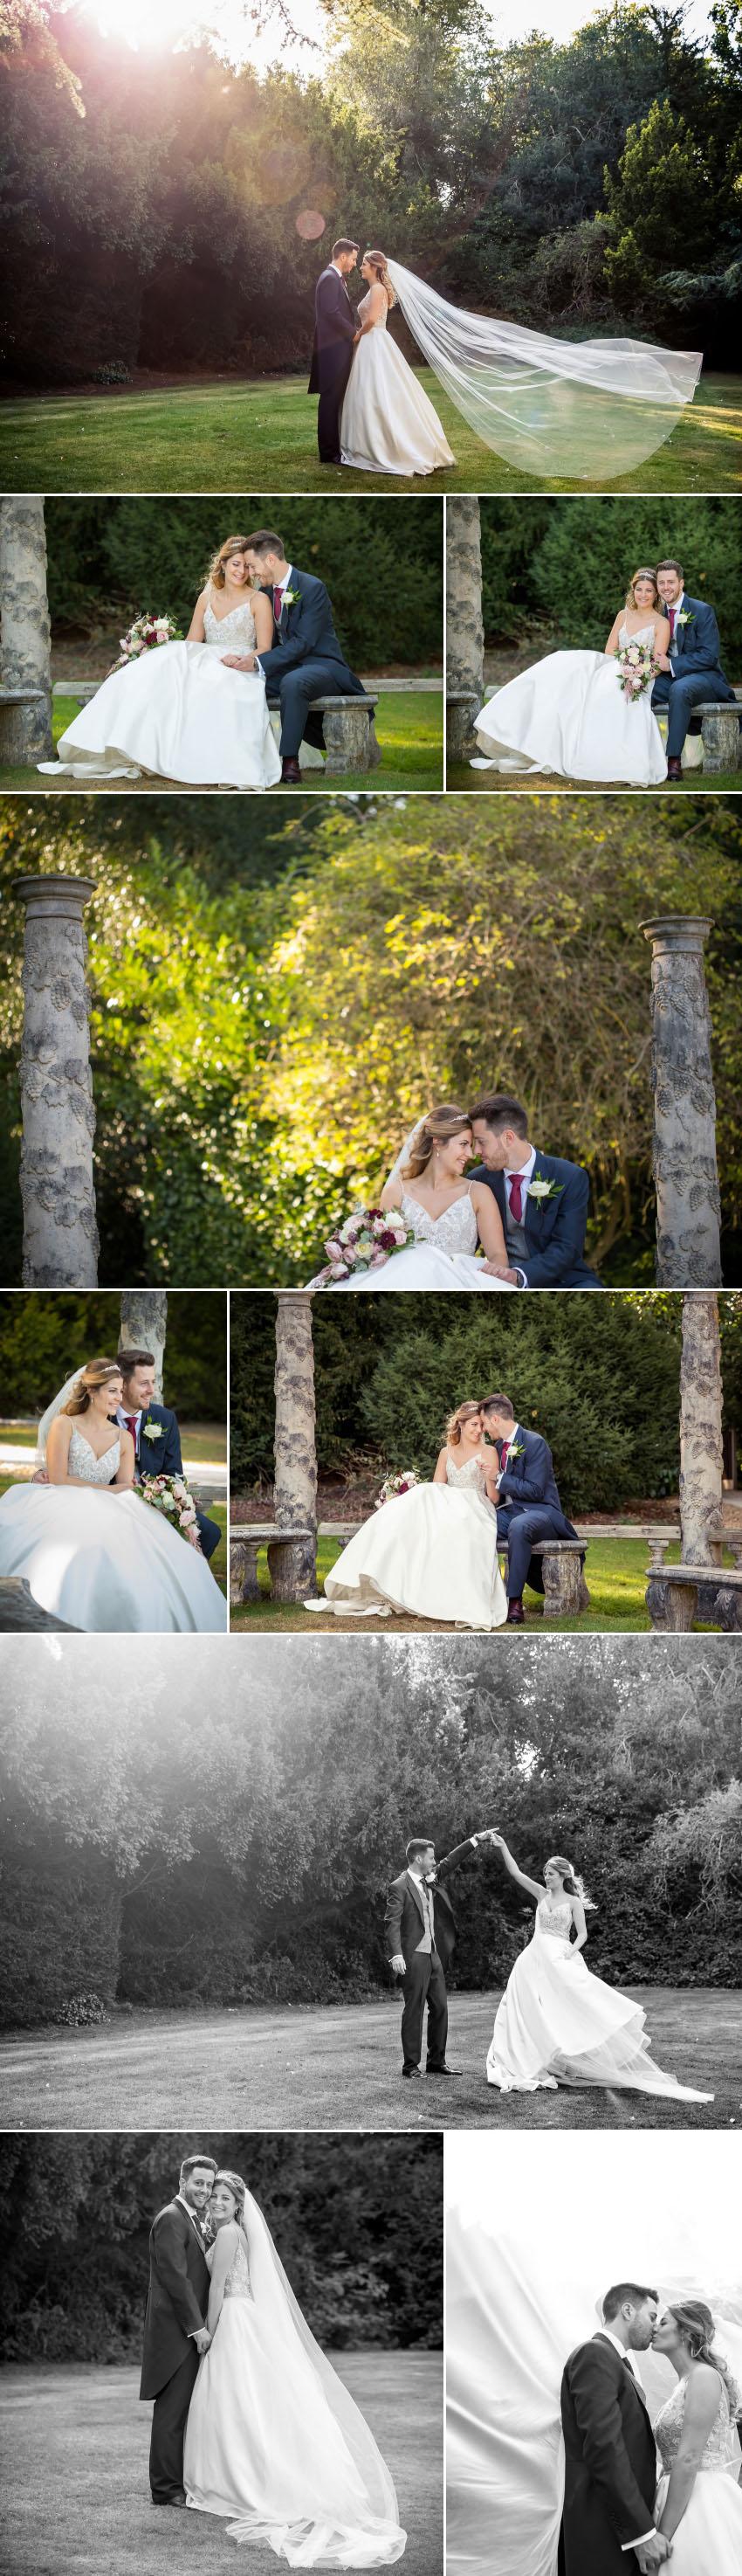 16_Pendley Manor wedding videography